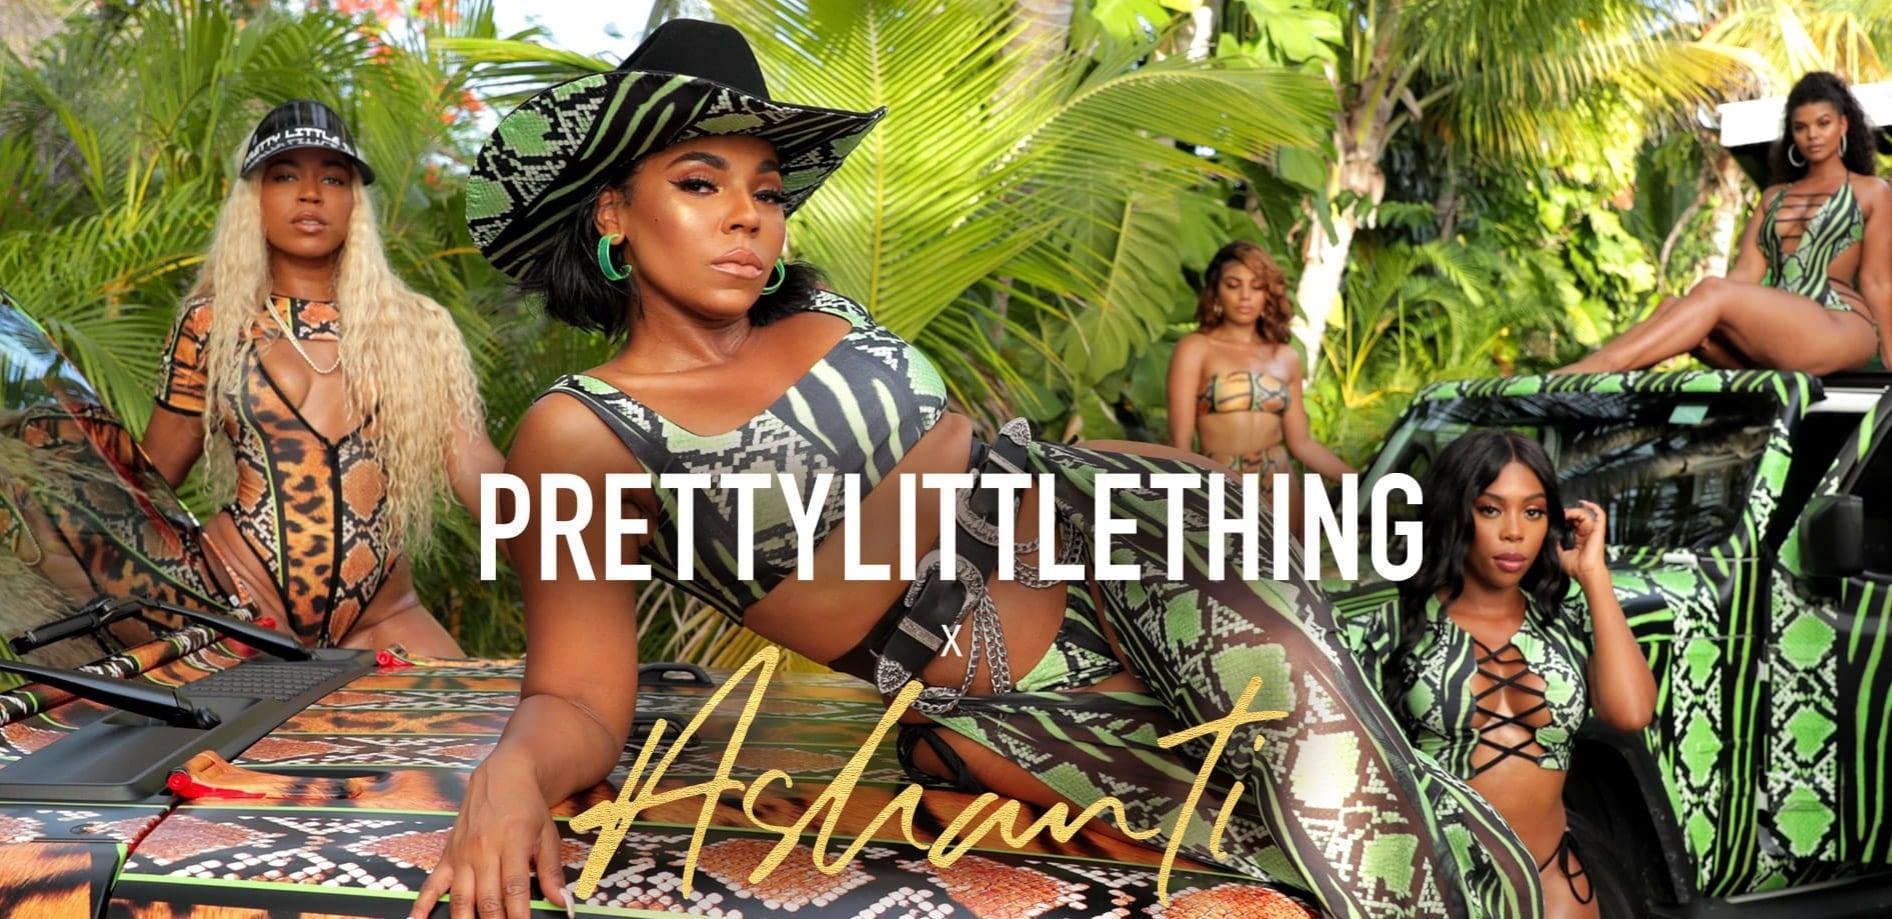 Ashanti x PrettyLittleThing Bring Curvy Island Girl Fire feature.jpg